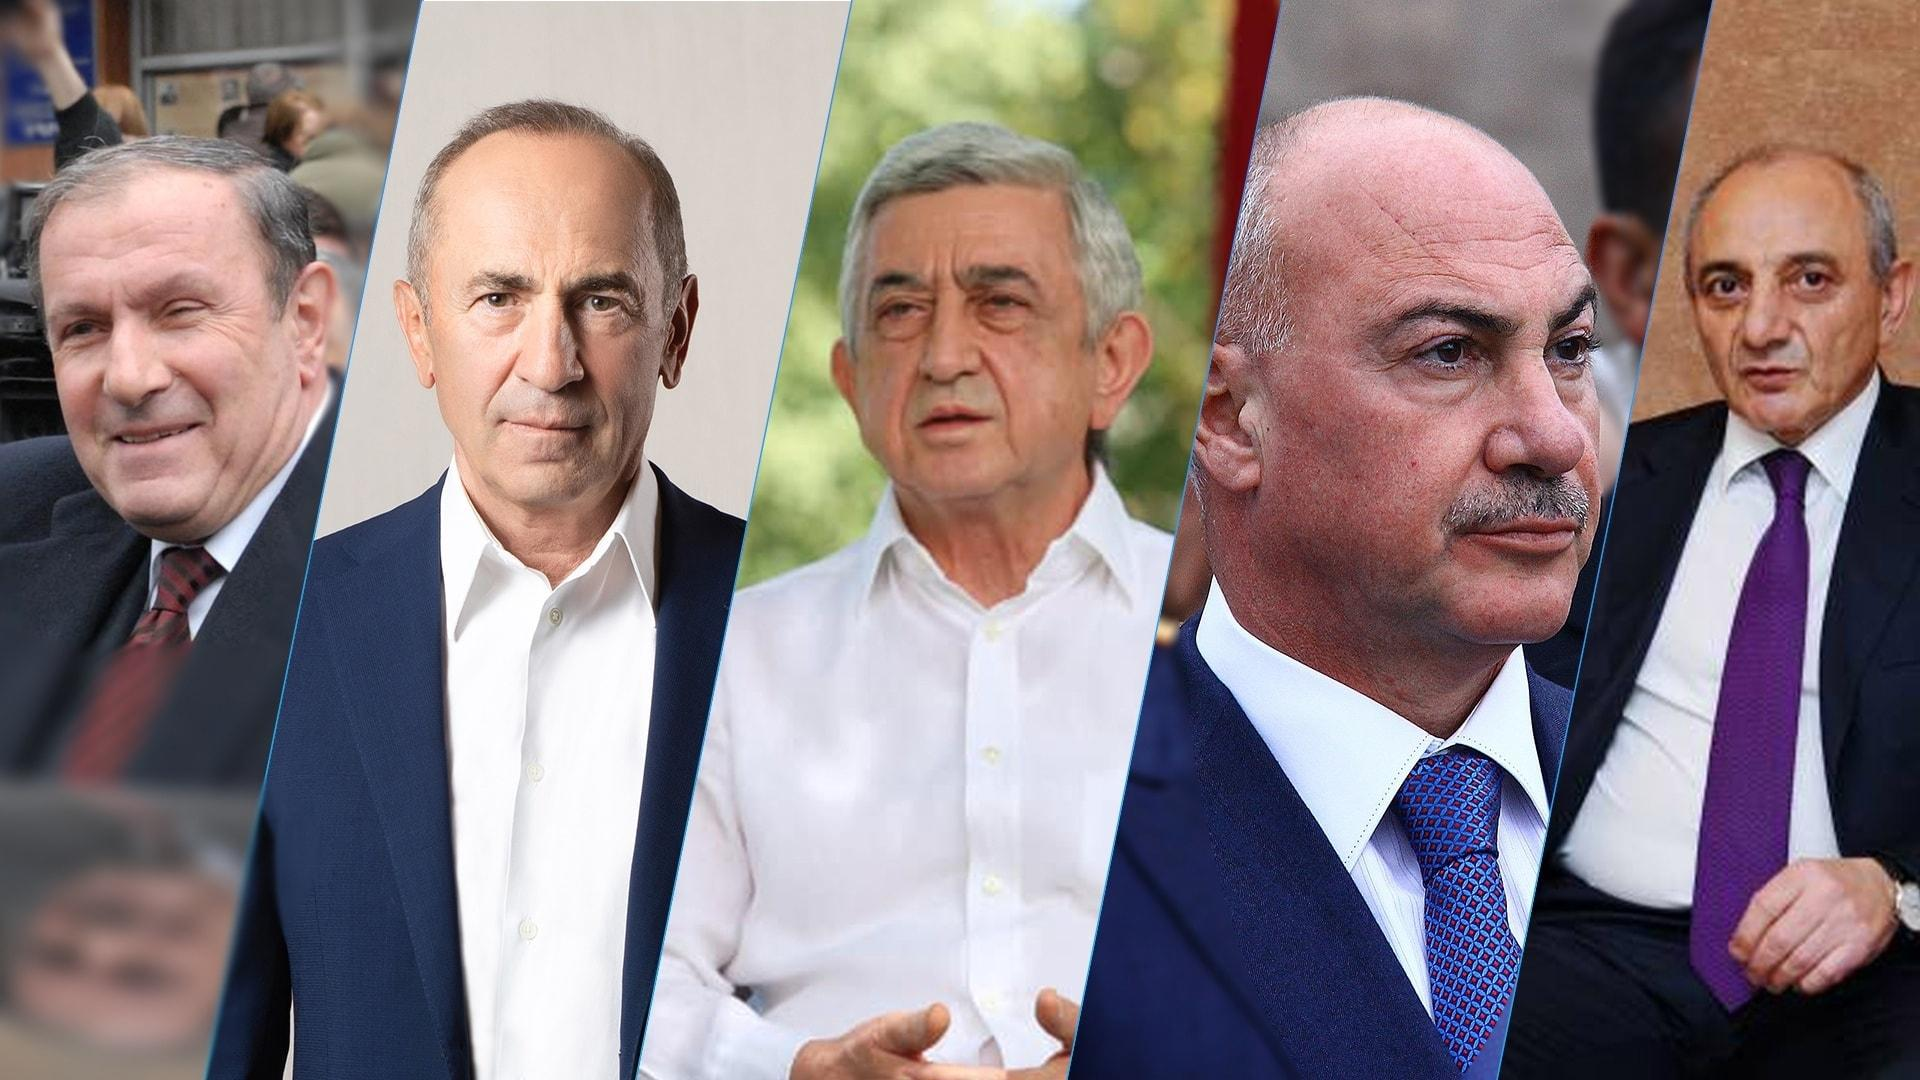 Dalana dirənən Ermənistan hakimiyyəti cəmiyyət üçün problemə çevrilir